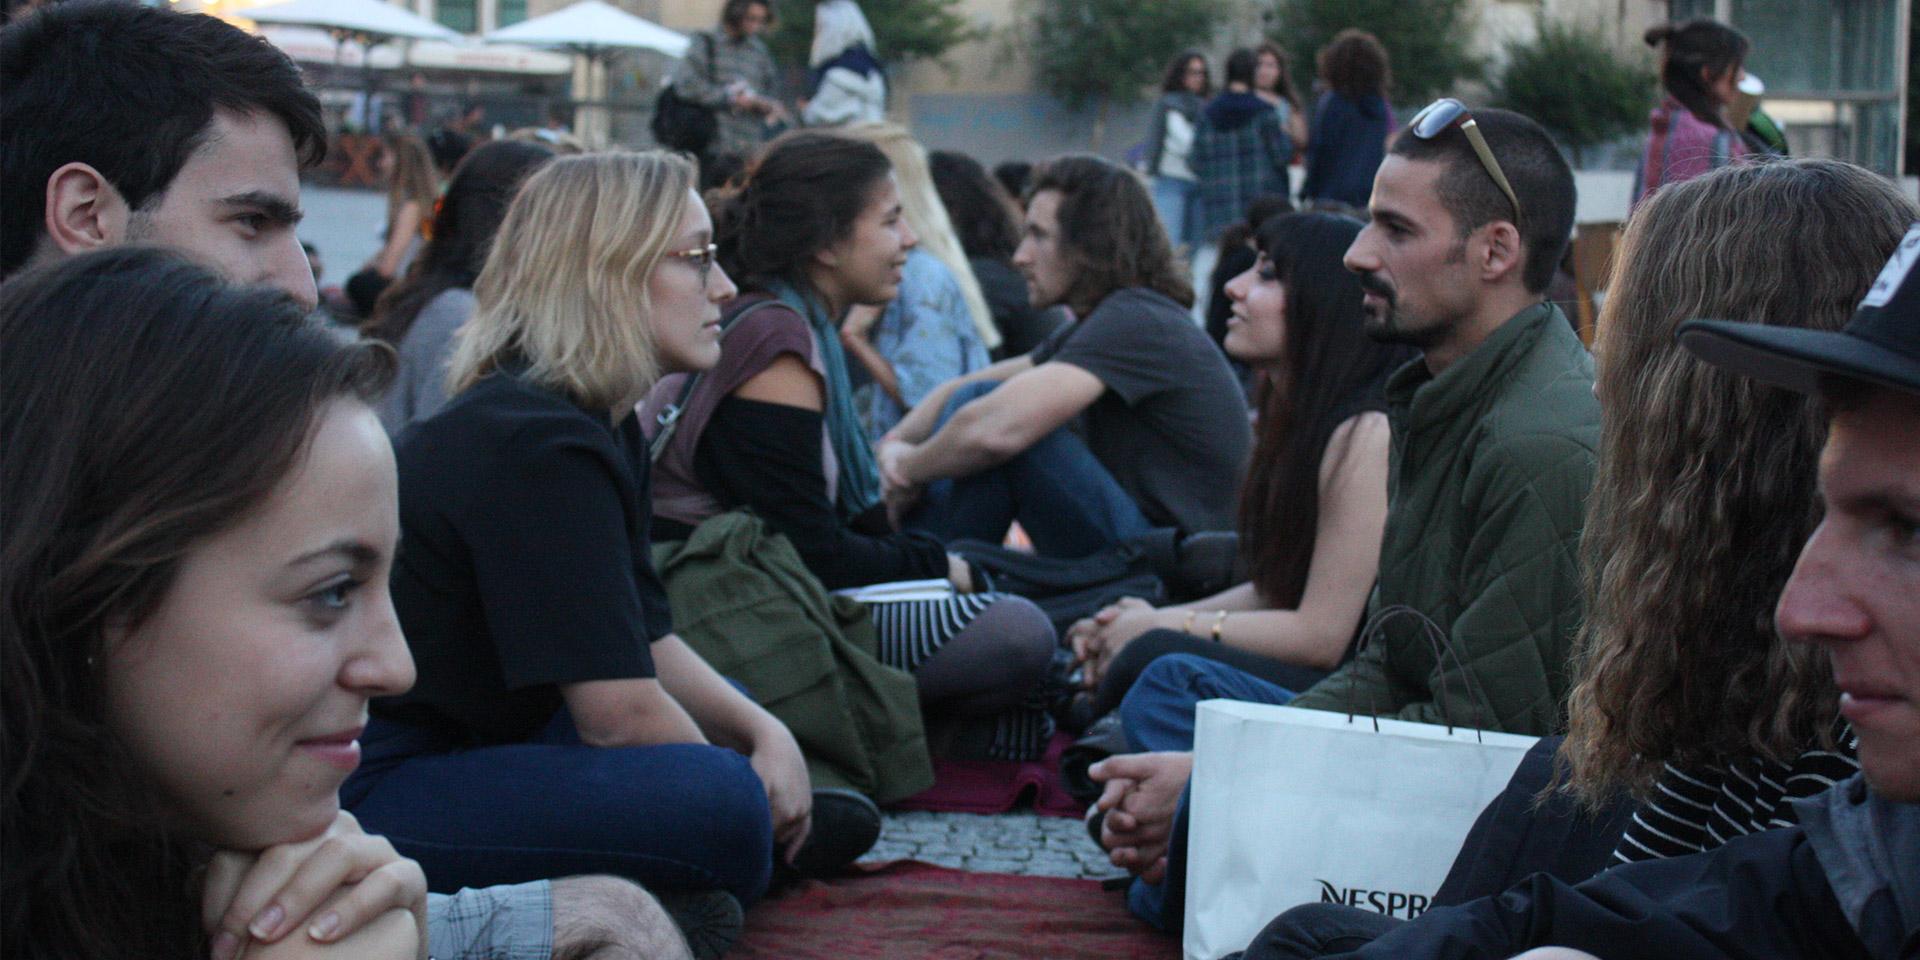 ver lesbicas encontros portugal